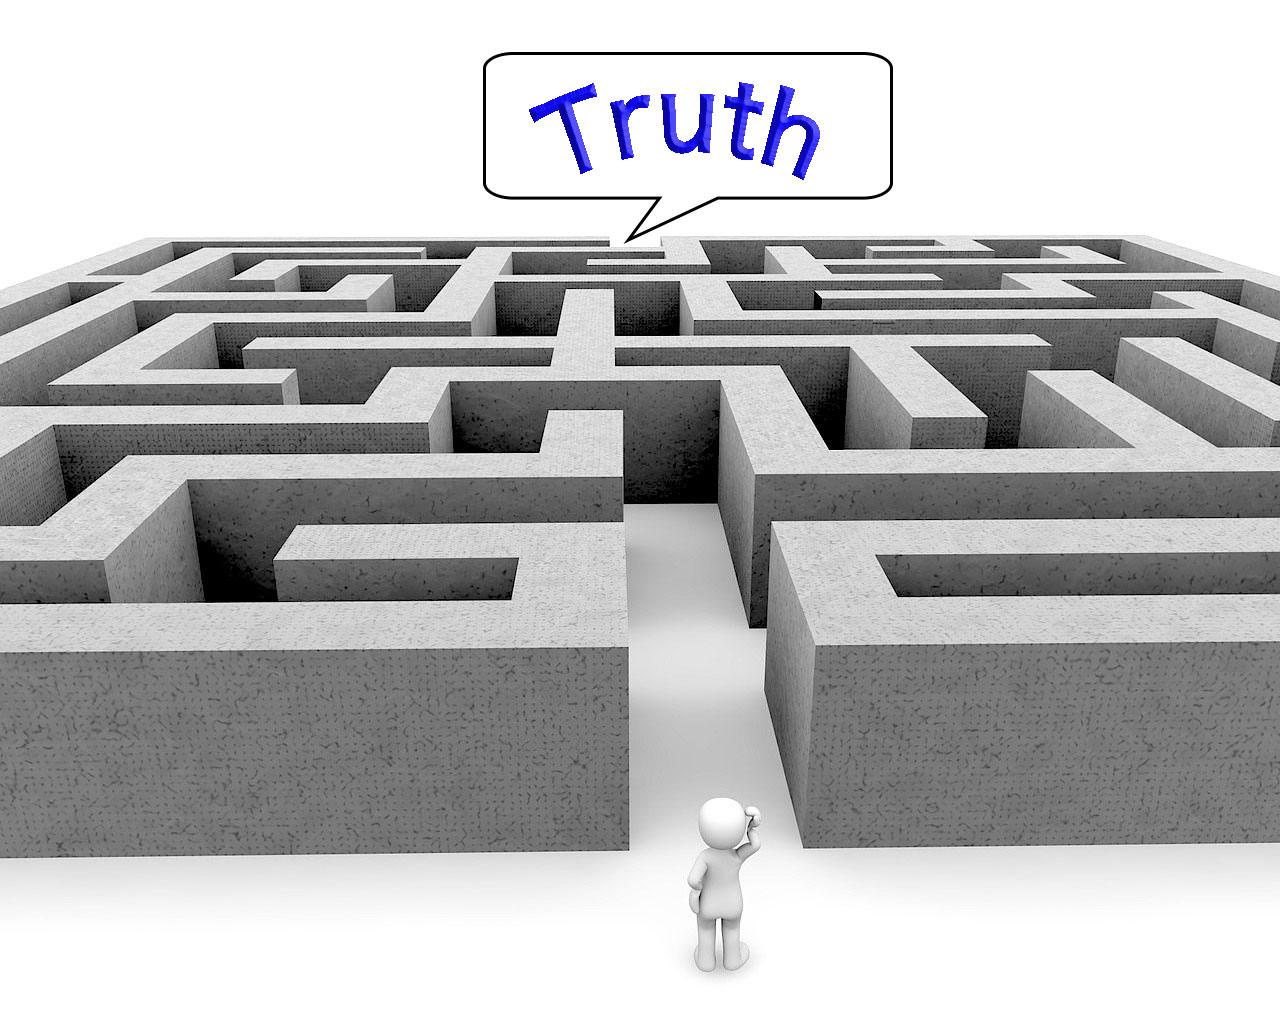 徳野会長の対策講話へ反論 - 統一教会分裂の真実